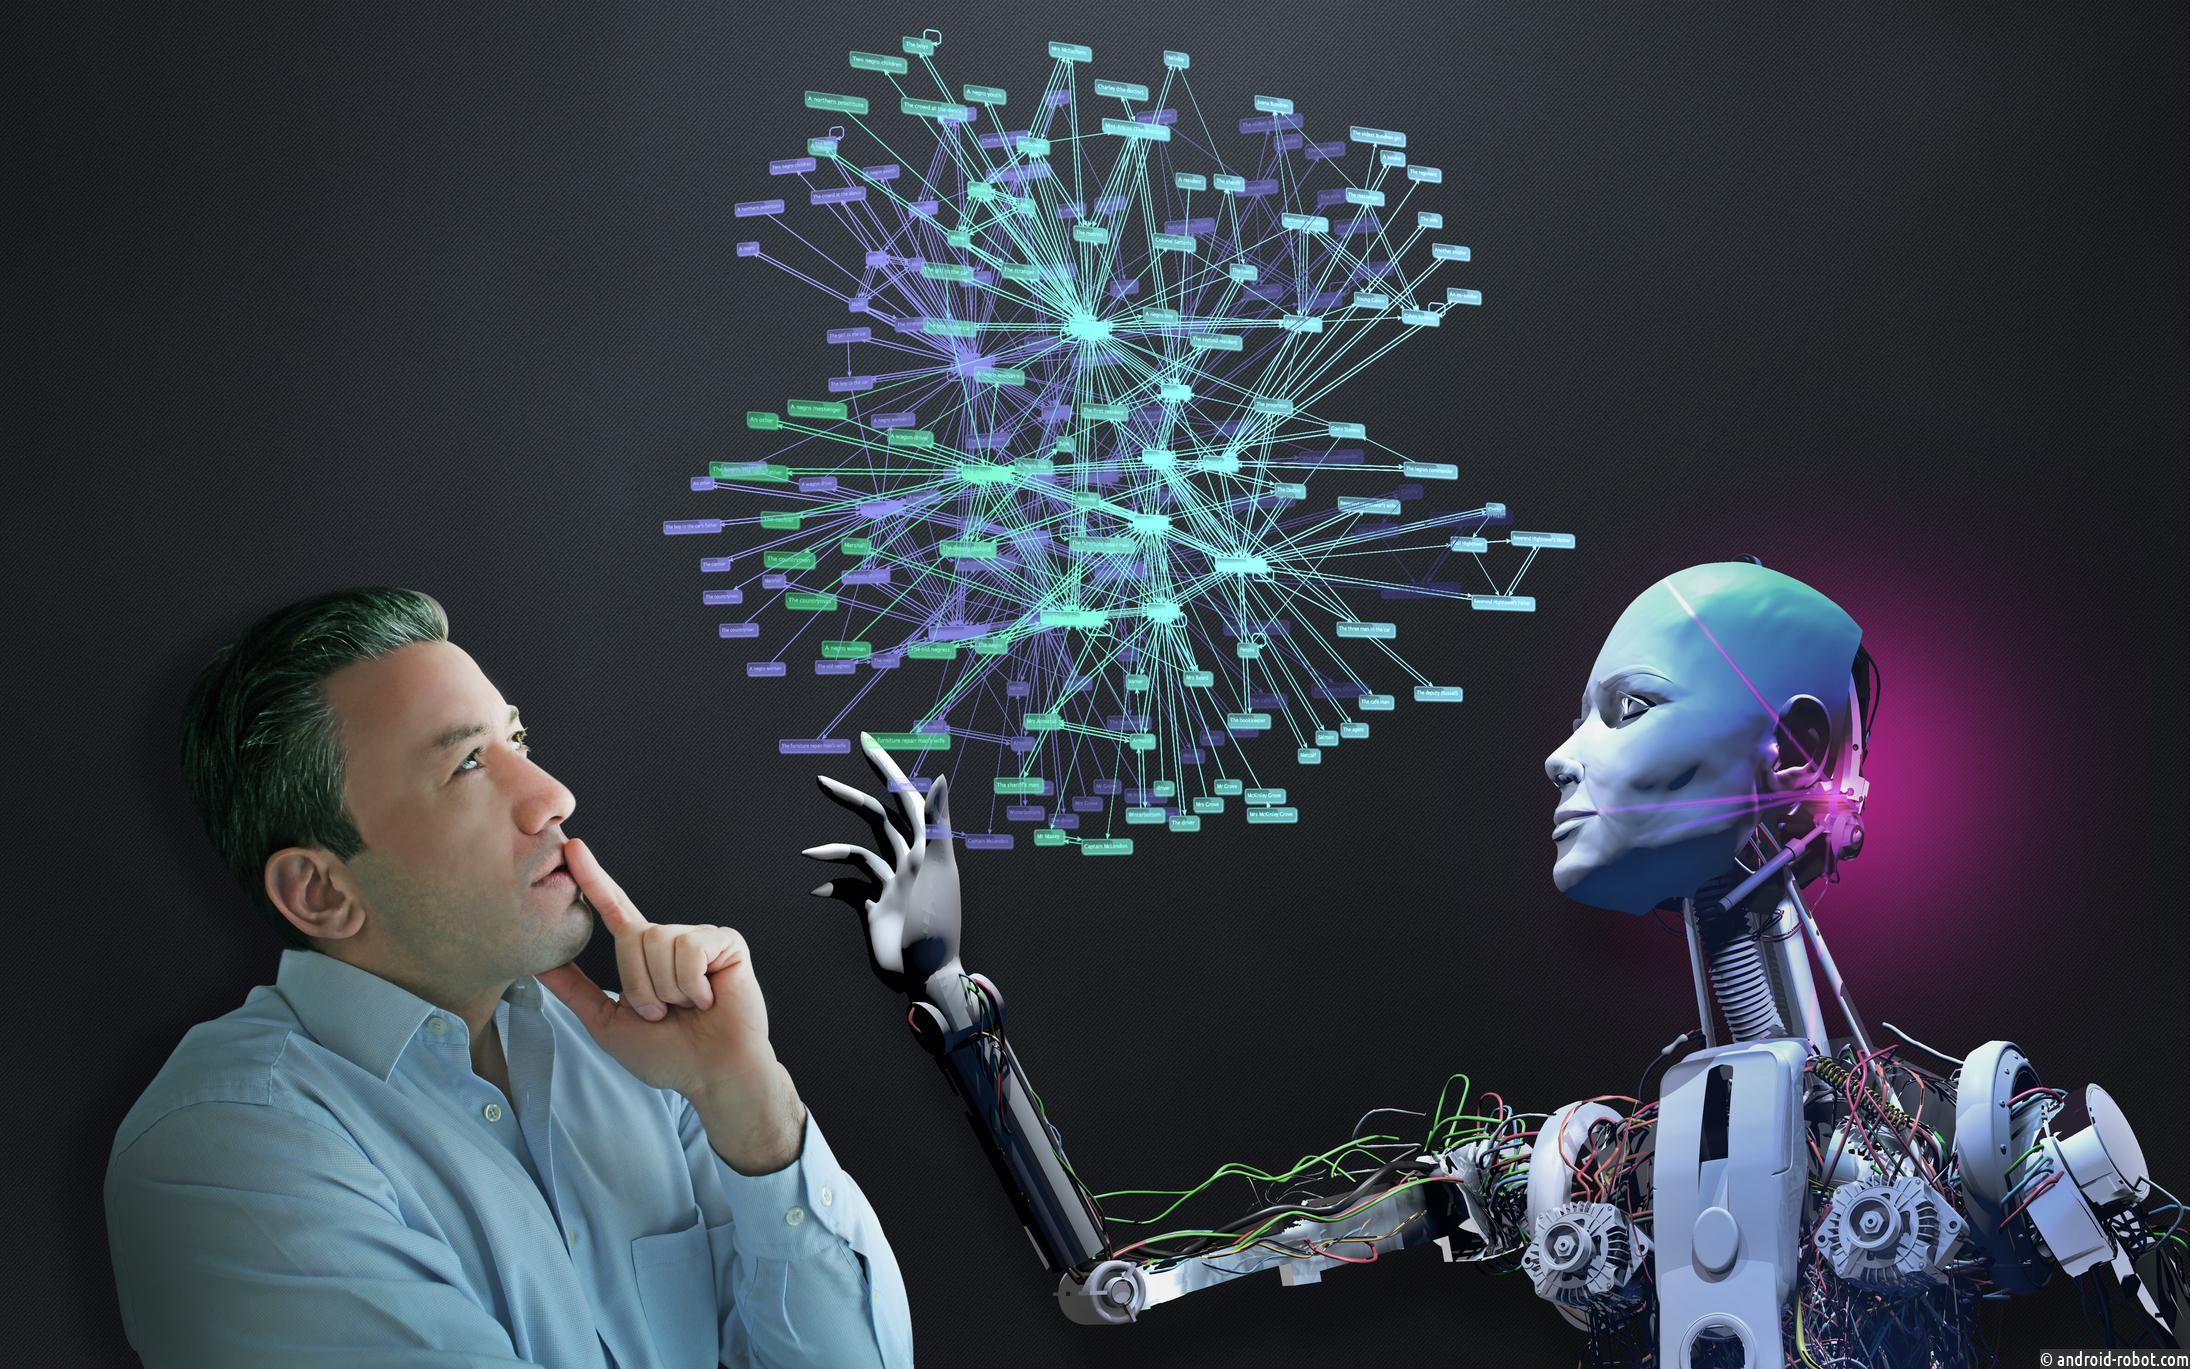 ИИ опередит людей во всех сферах